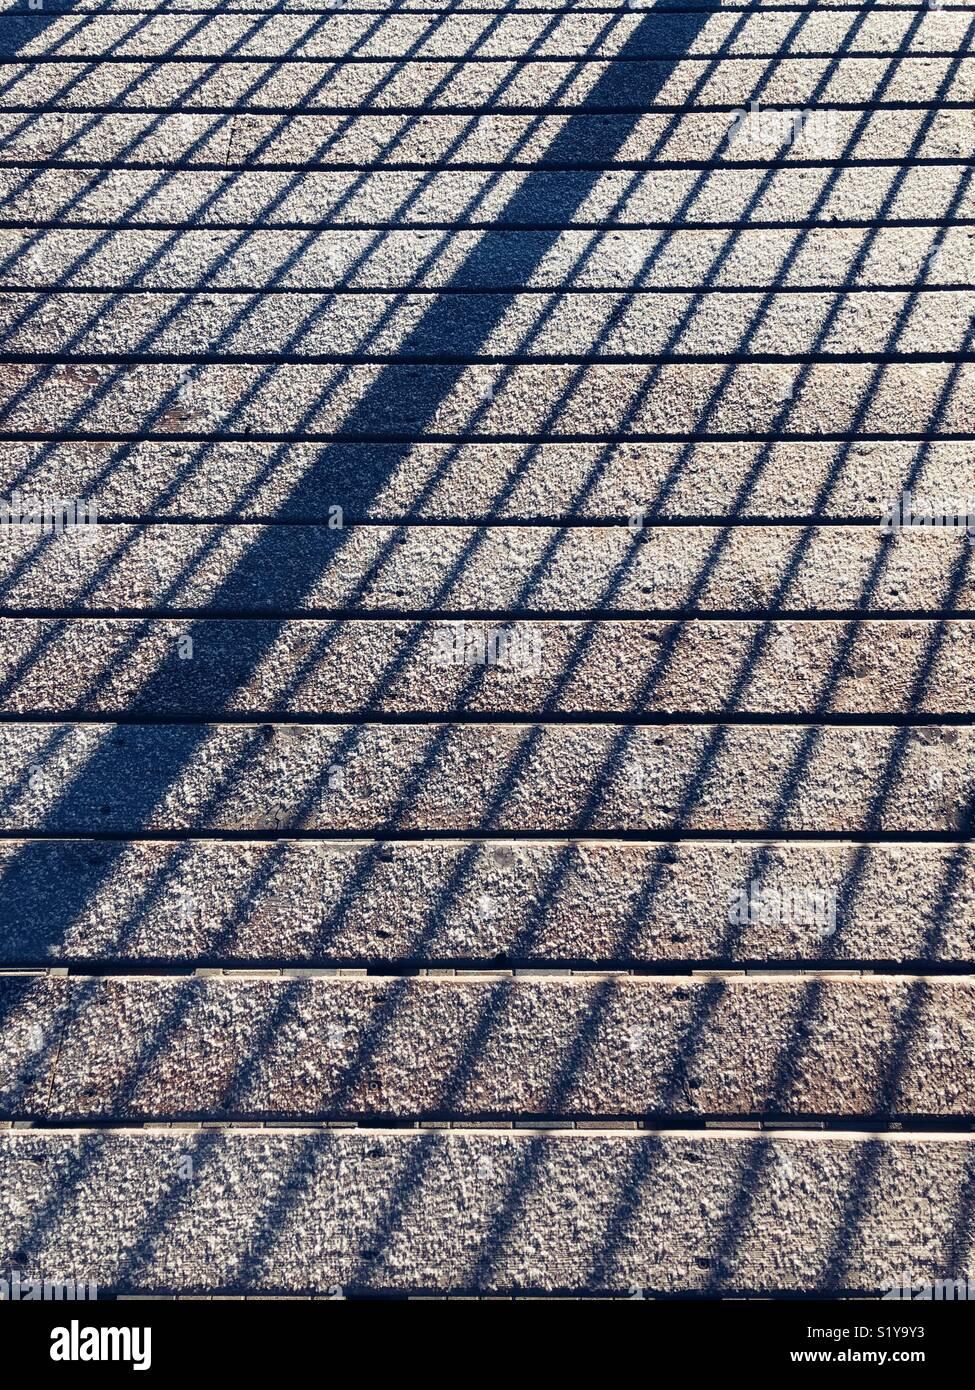 Resumen las sombras a través de las placas de cubierta de madera cubierta de hielo haciendo un patrón Imagen De Stock